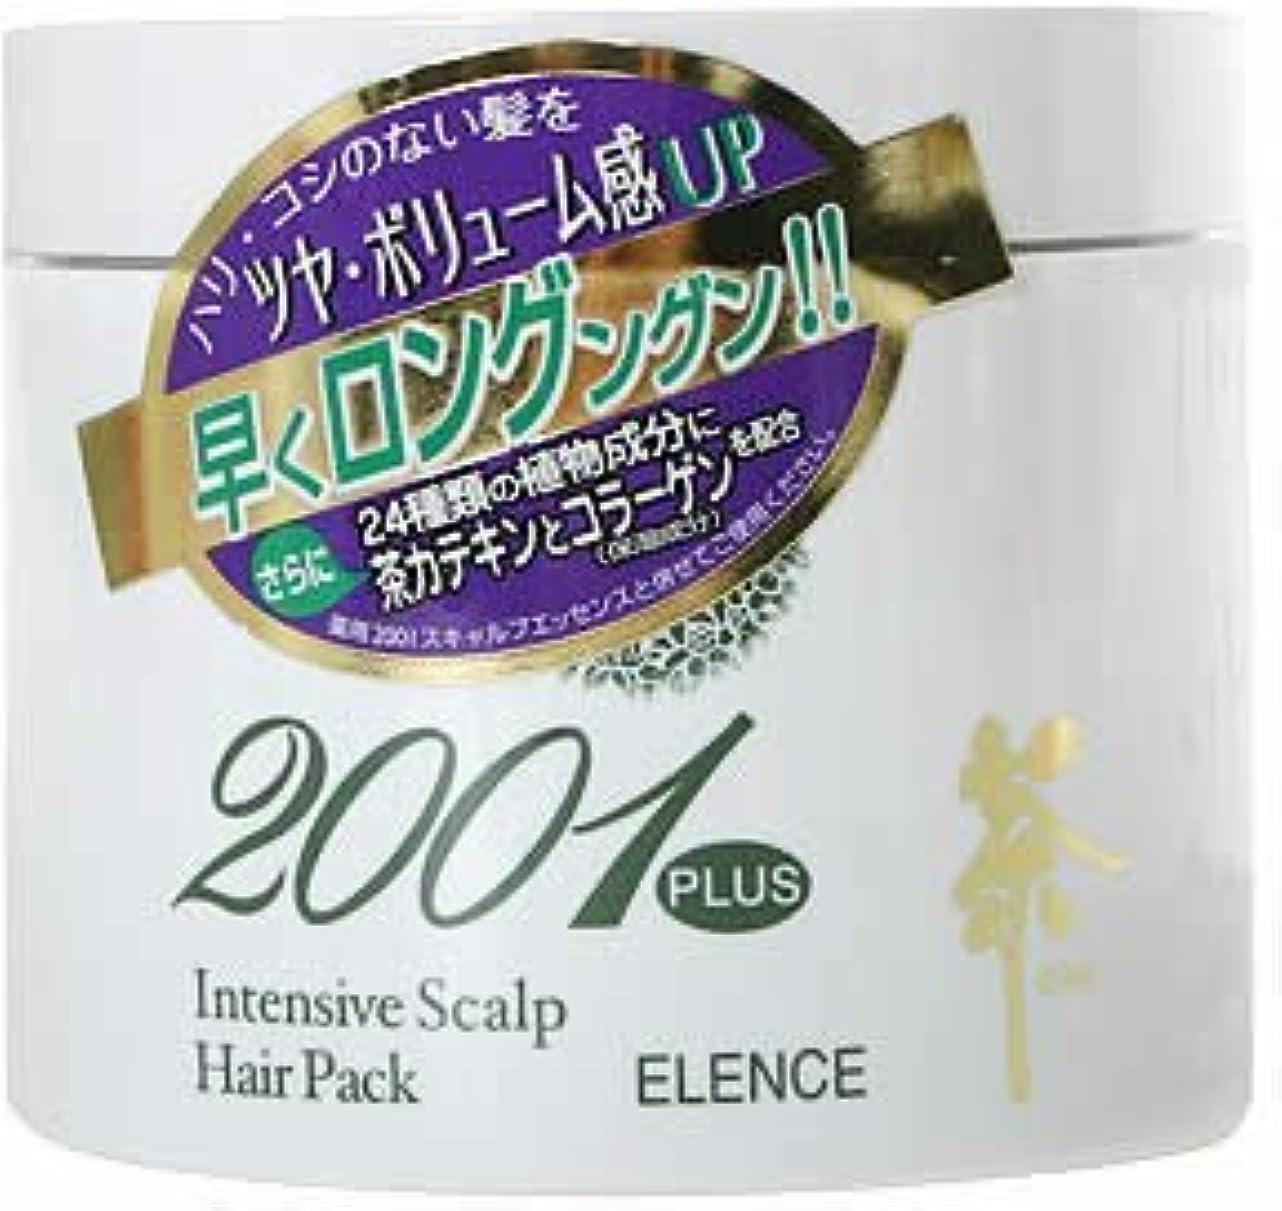 下手アジア人知恵エレンス2001プラス インテンシブスキャルプヘアパック